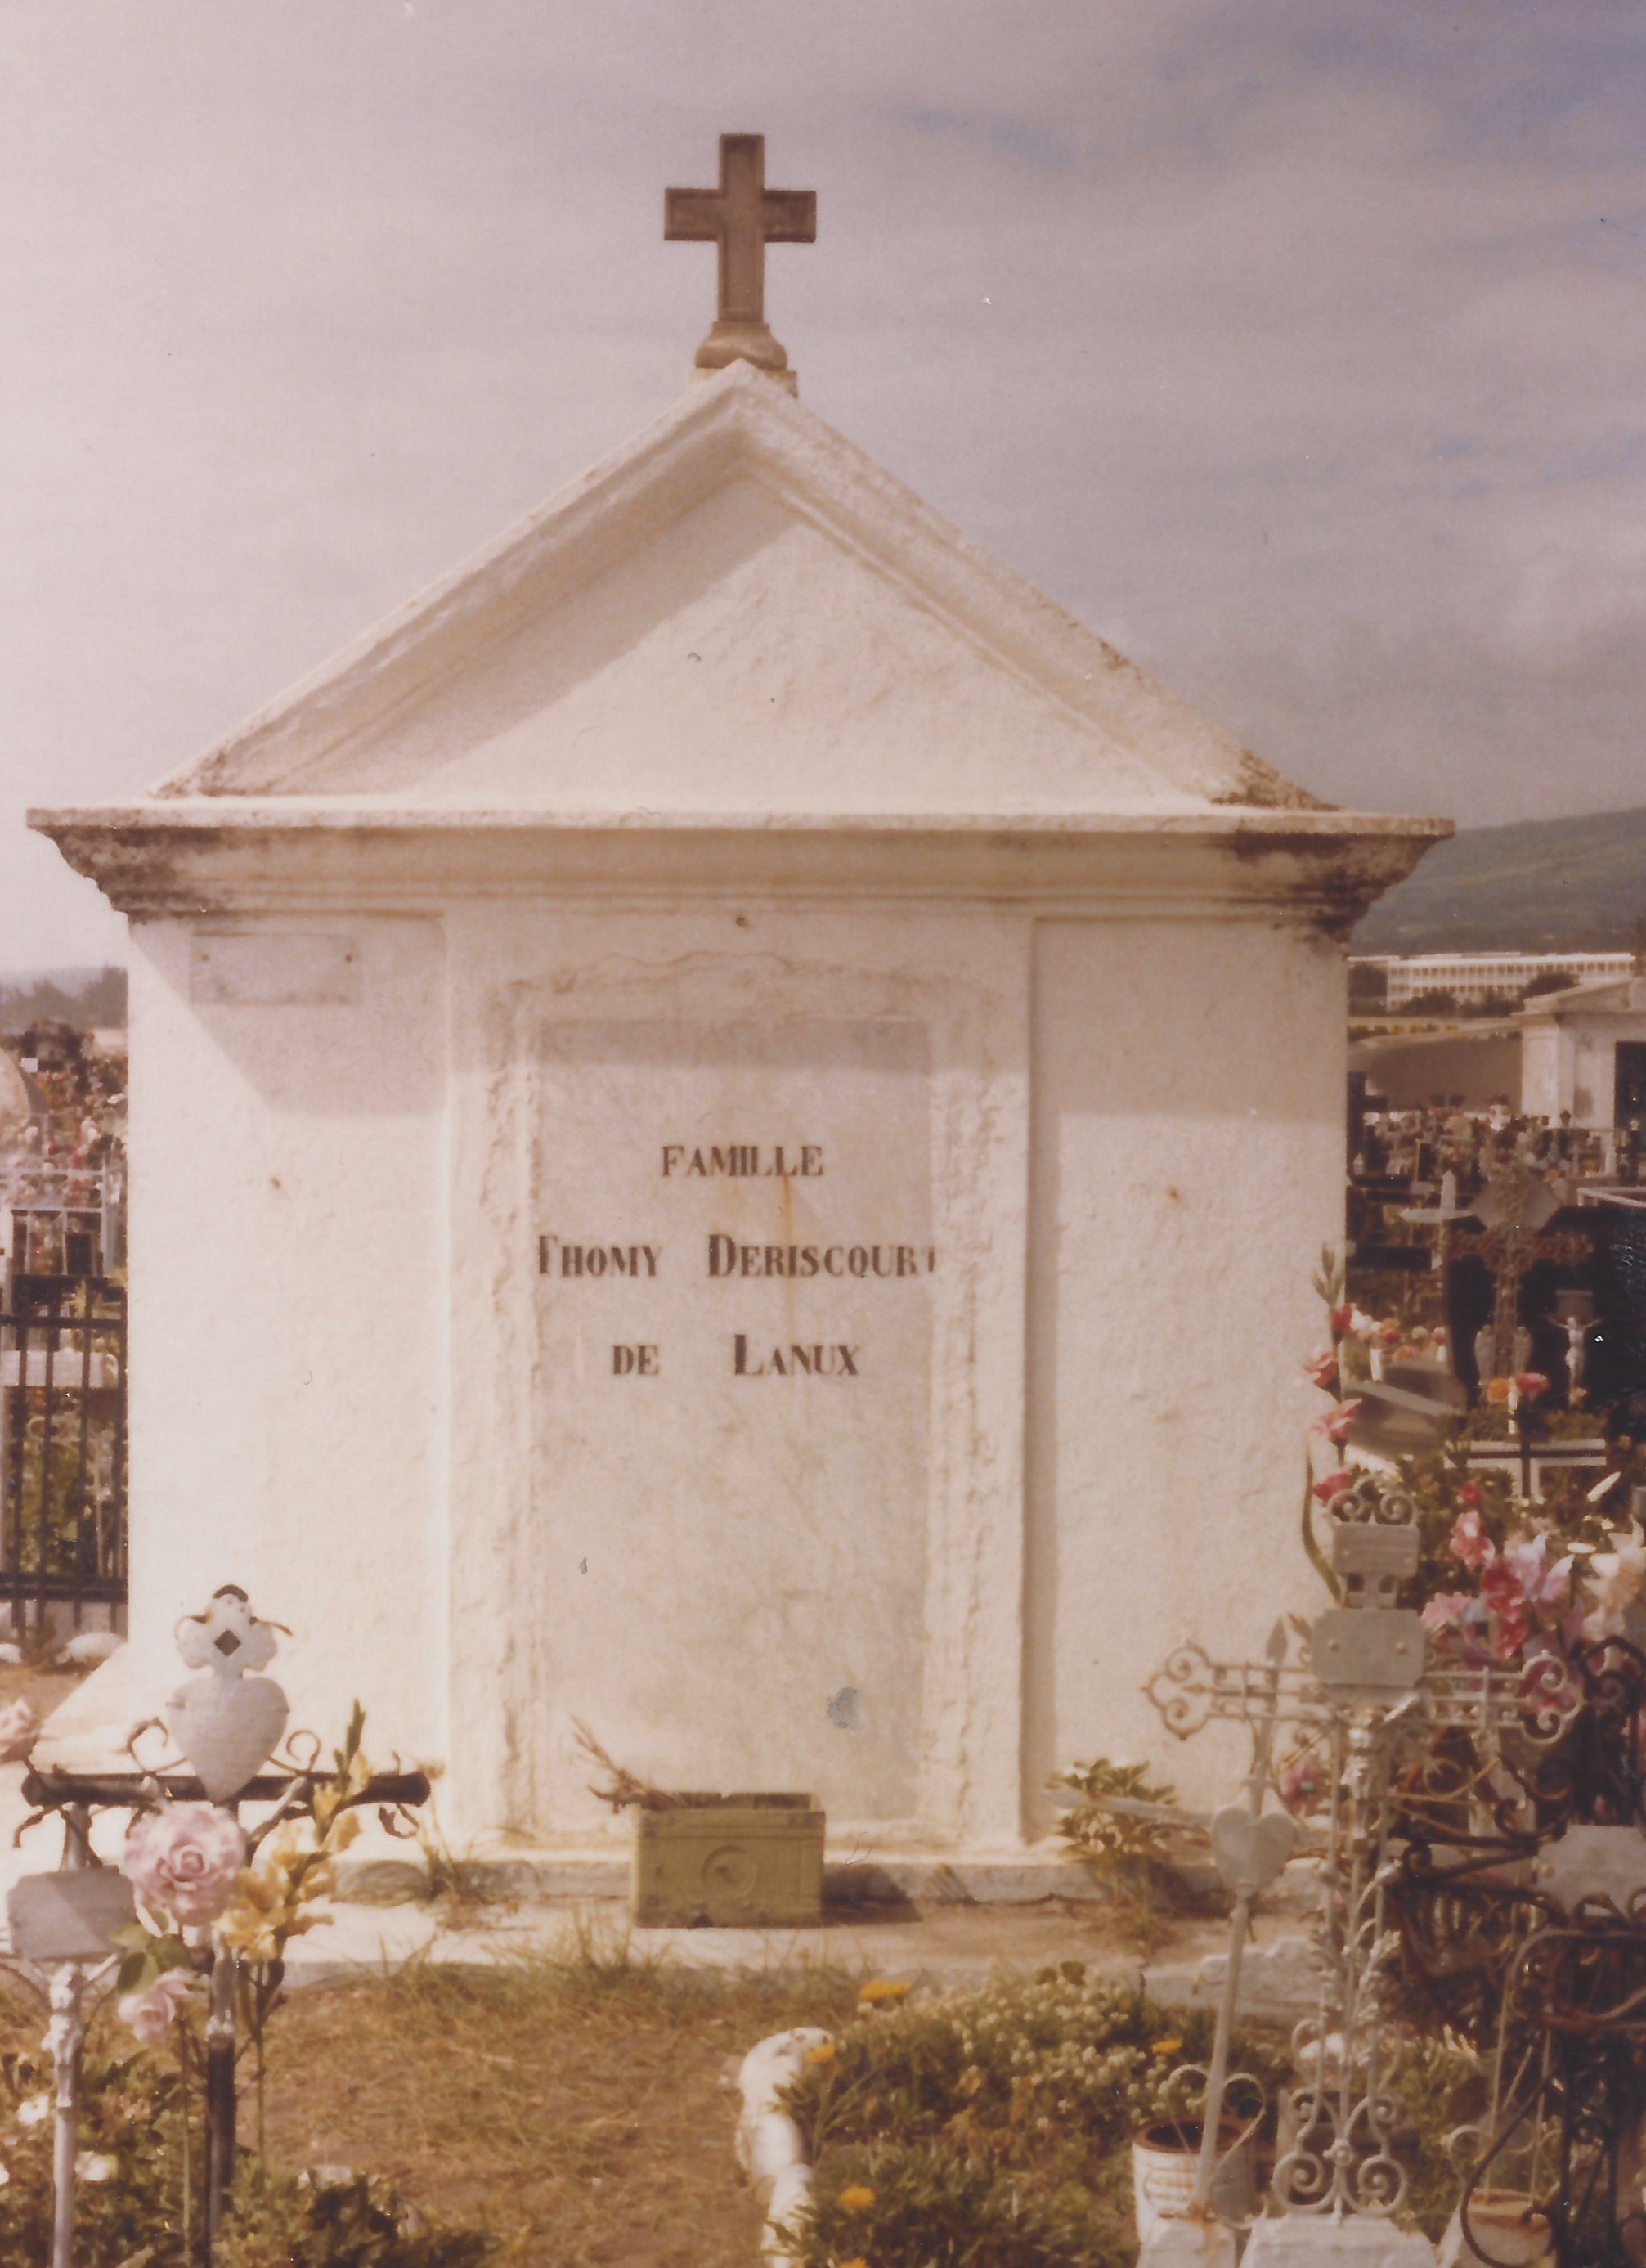 Tombe de la famille Desricourt de Lanux à St Denis (Réunion)